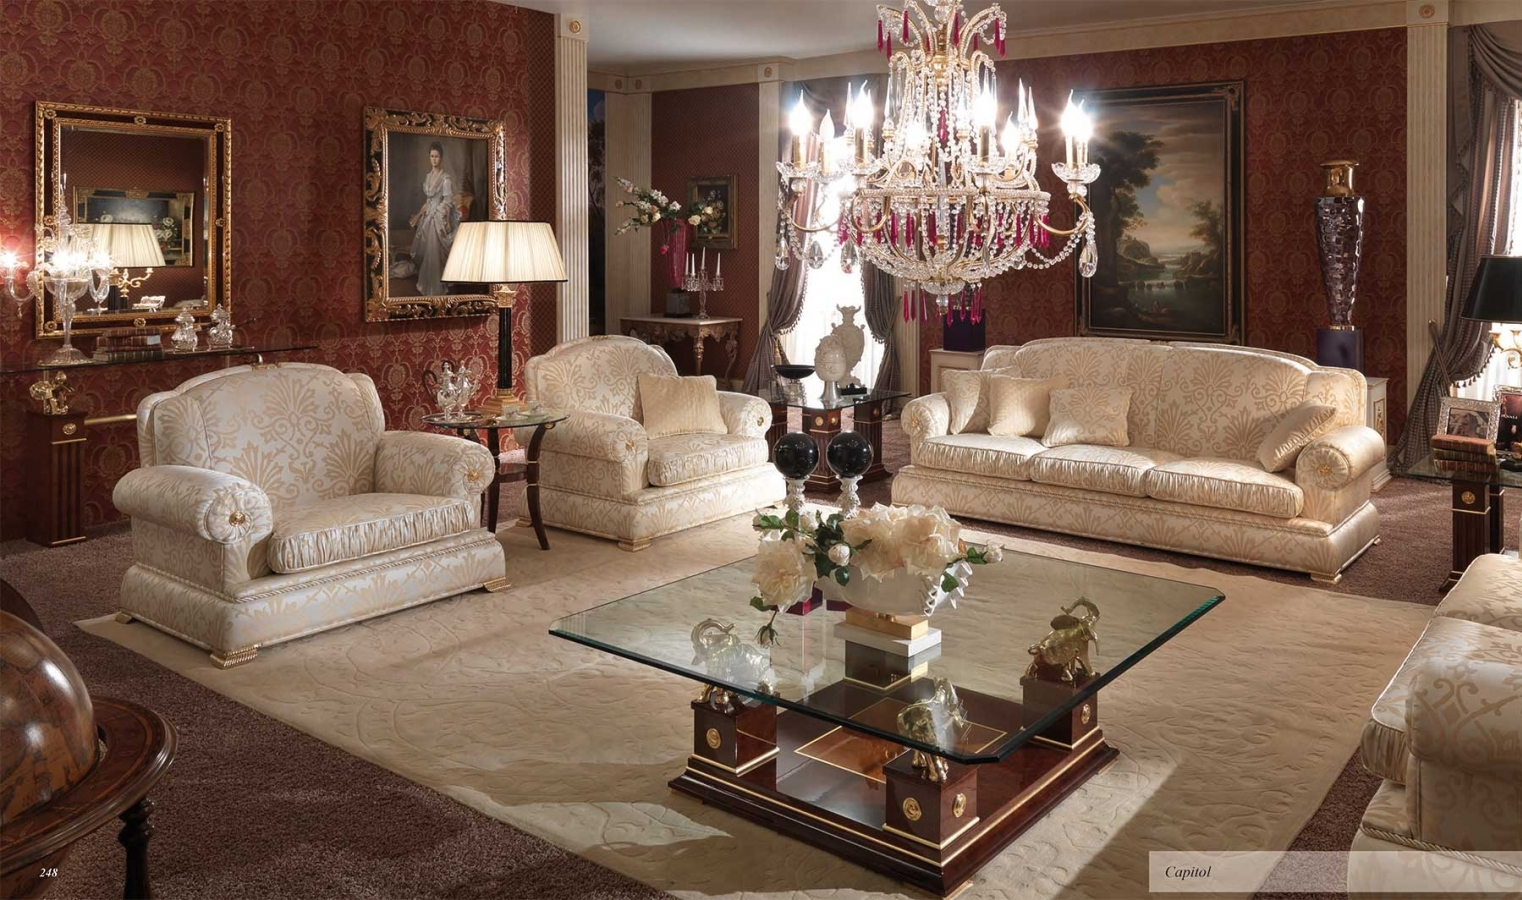 mobili italiani in stile classico / Serena Group